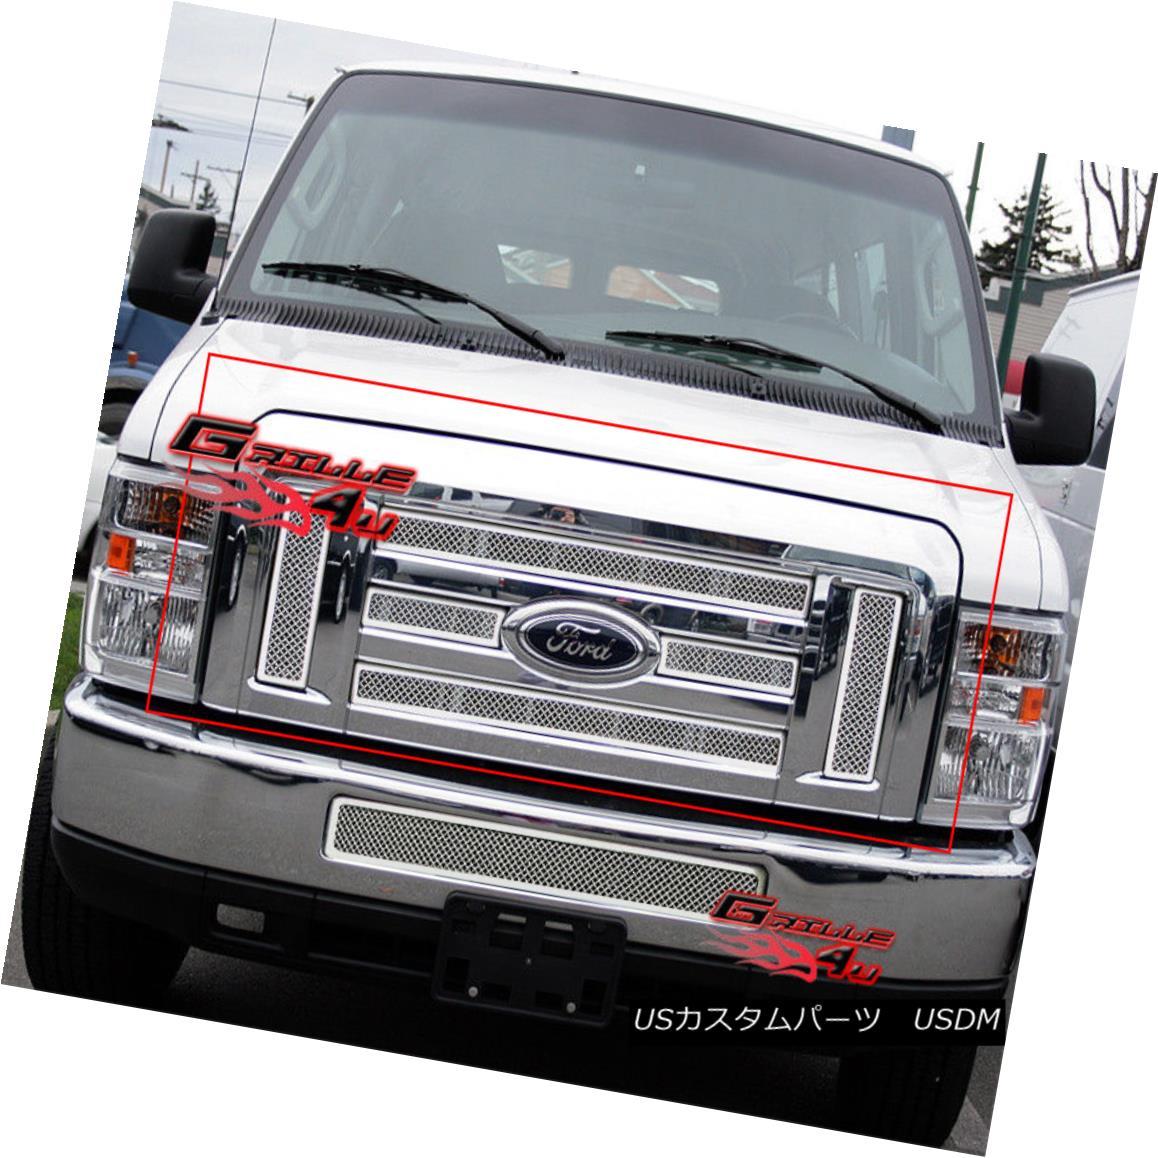 グリル Fits 2008-2013 Ford Econoline Van/E-Series Stainless Steel Mesh Grille Grill Ford Econoline Van / E-Seriesステンレスメッシュグリルグリル